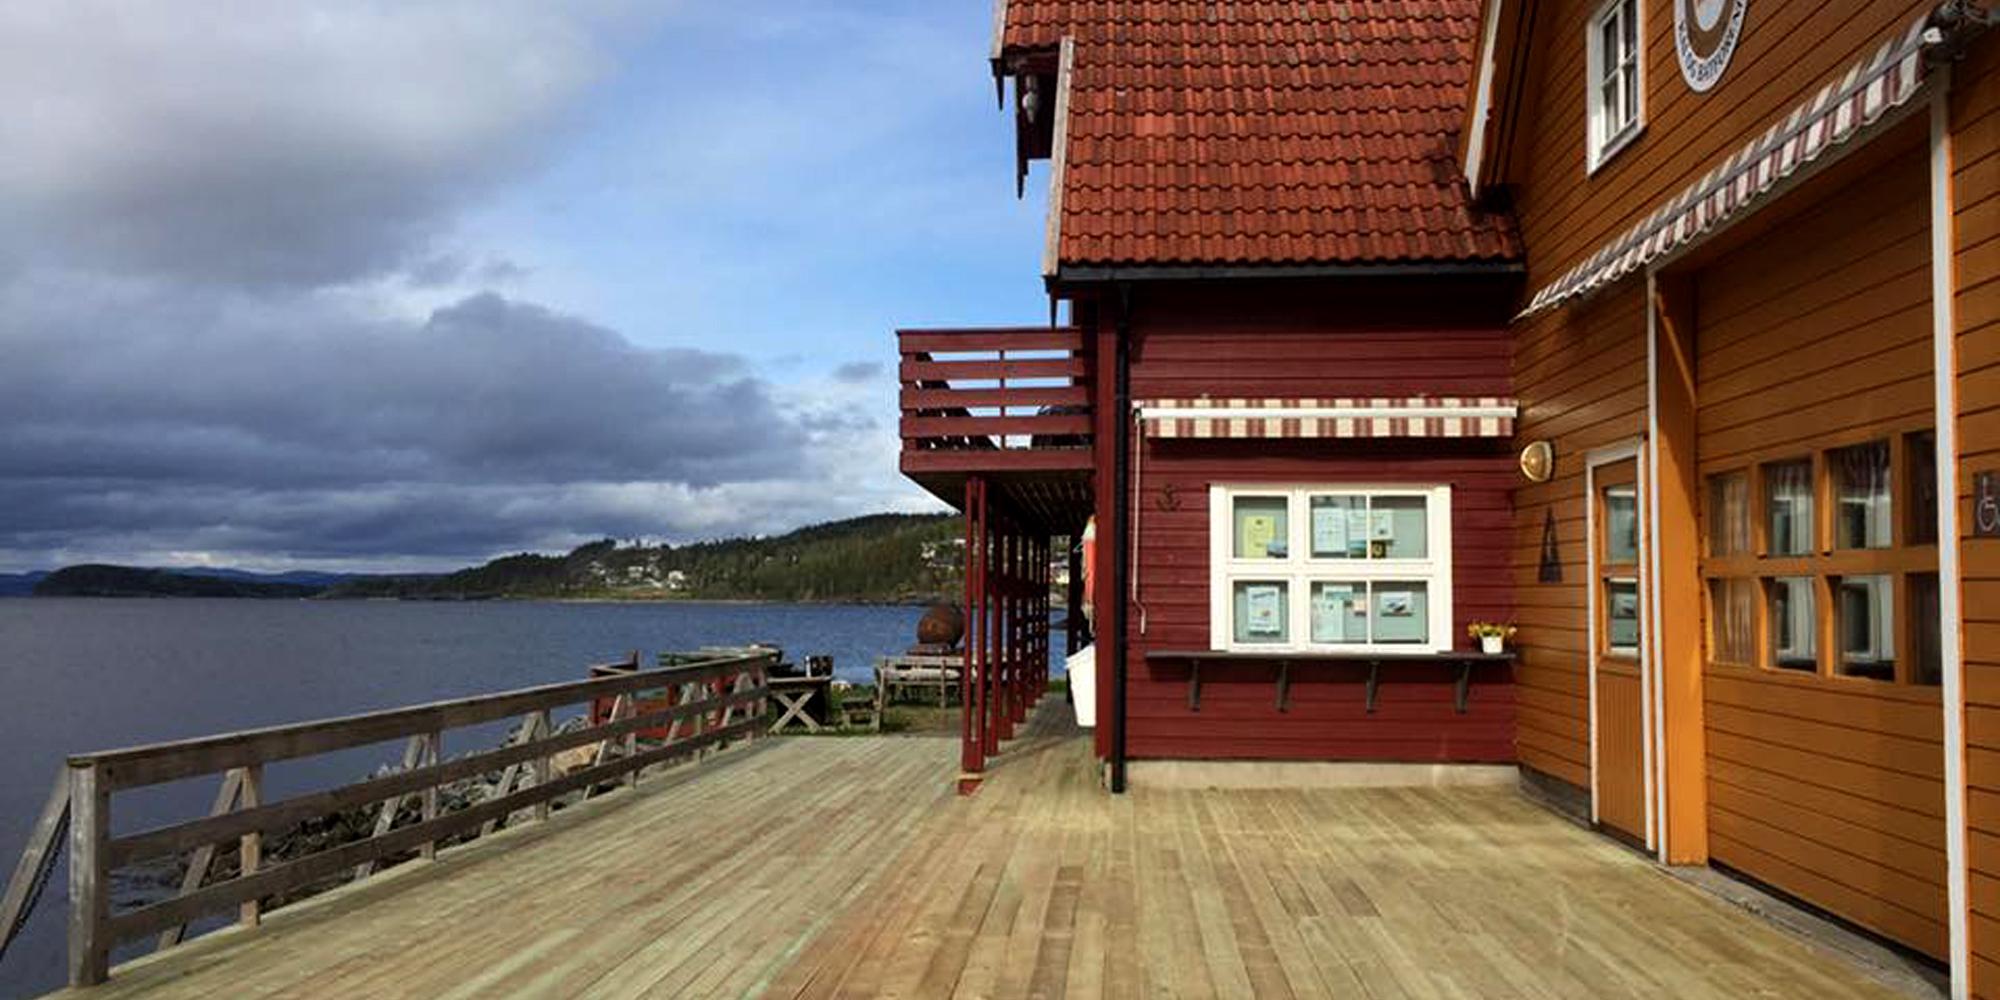 Stort veranda område ved Kjerknesvågen kai. Copyright: Kjrknesvågen Kai og Båtforening